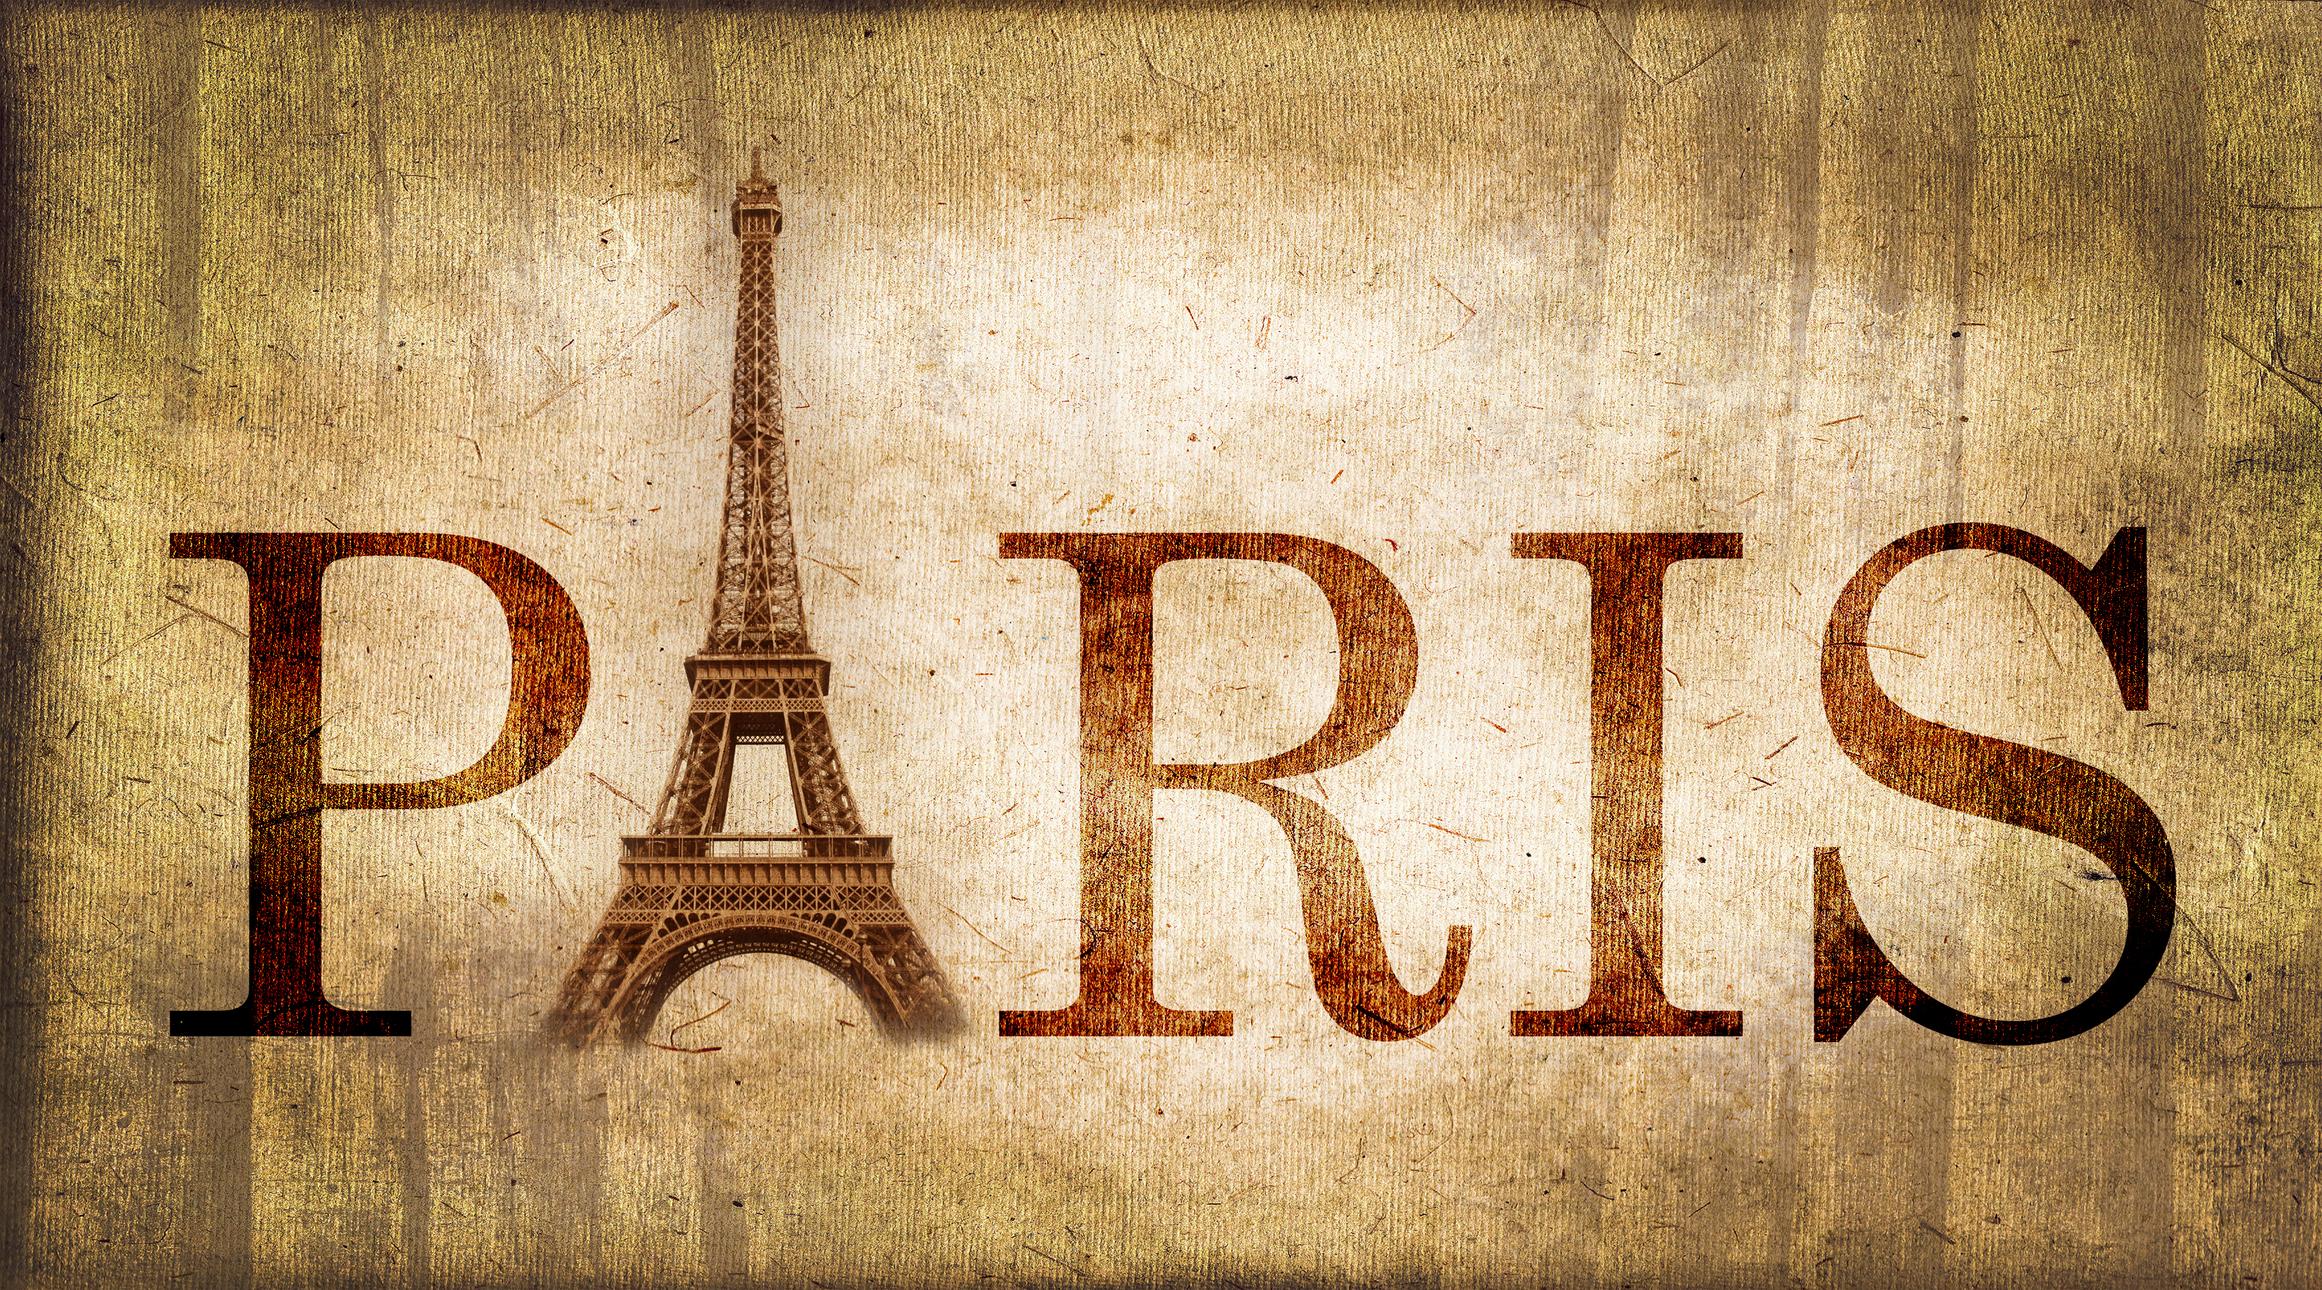 Прикольные картинки с надписями по французски, придумали открытки